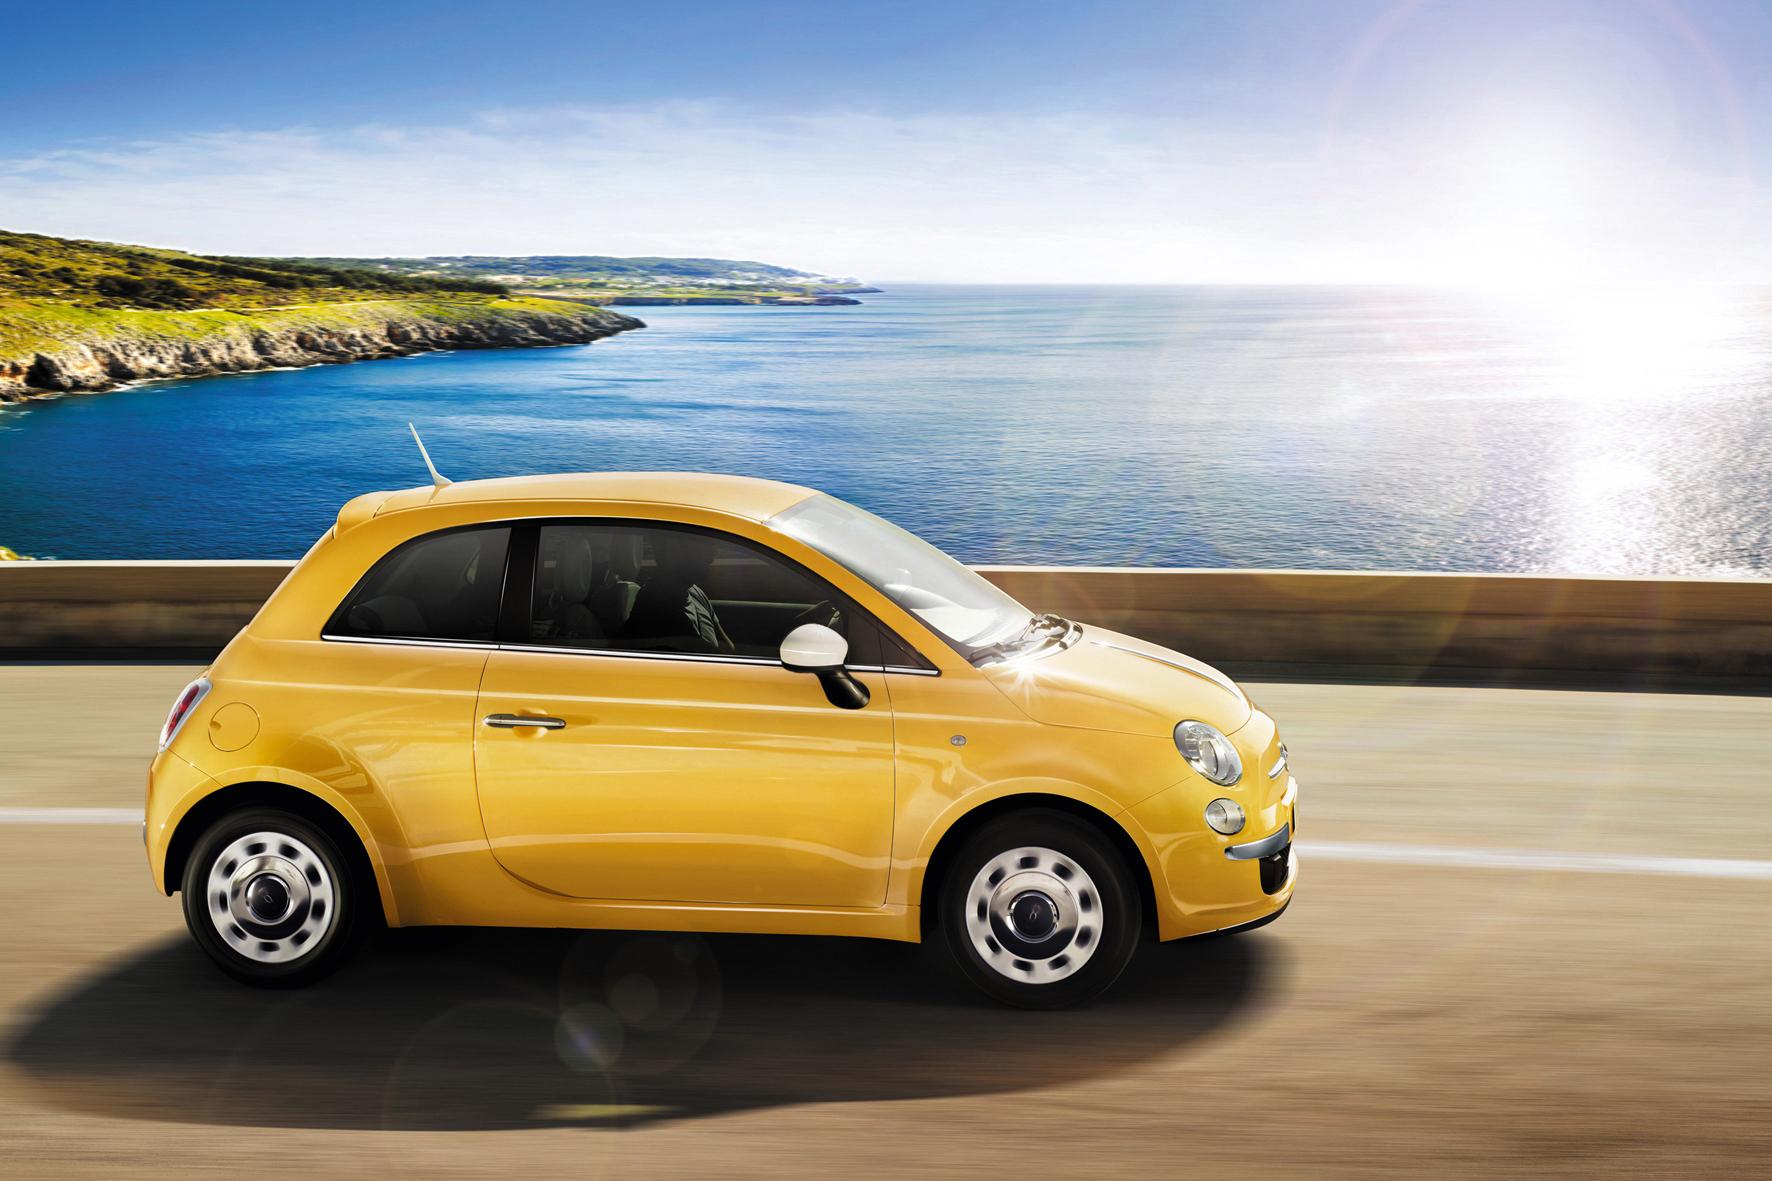 mid Düsseldorf - Der Fiat 500 fährt im Juni mit 3.742 neuen Autos in Deutschland an die Spitze der Zulassungs-Charts in seiner Klasse.